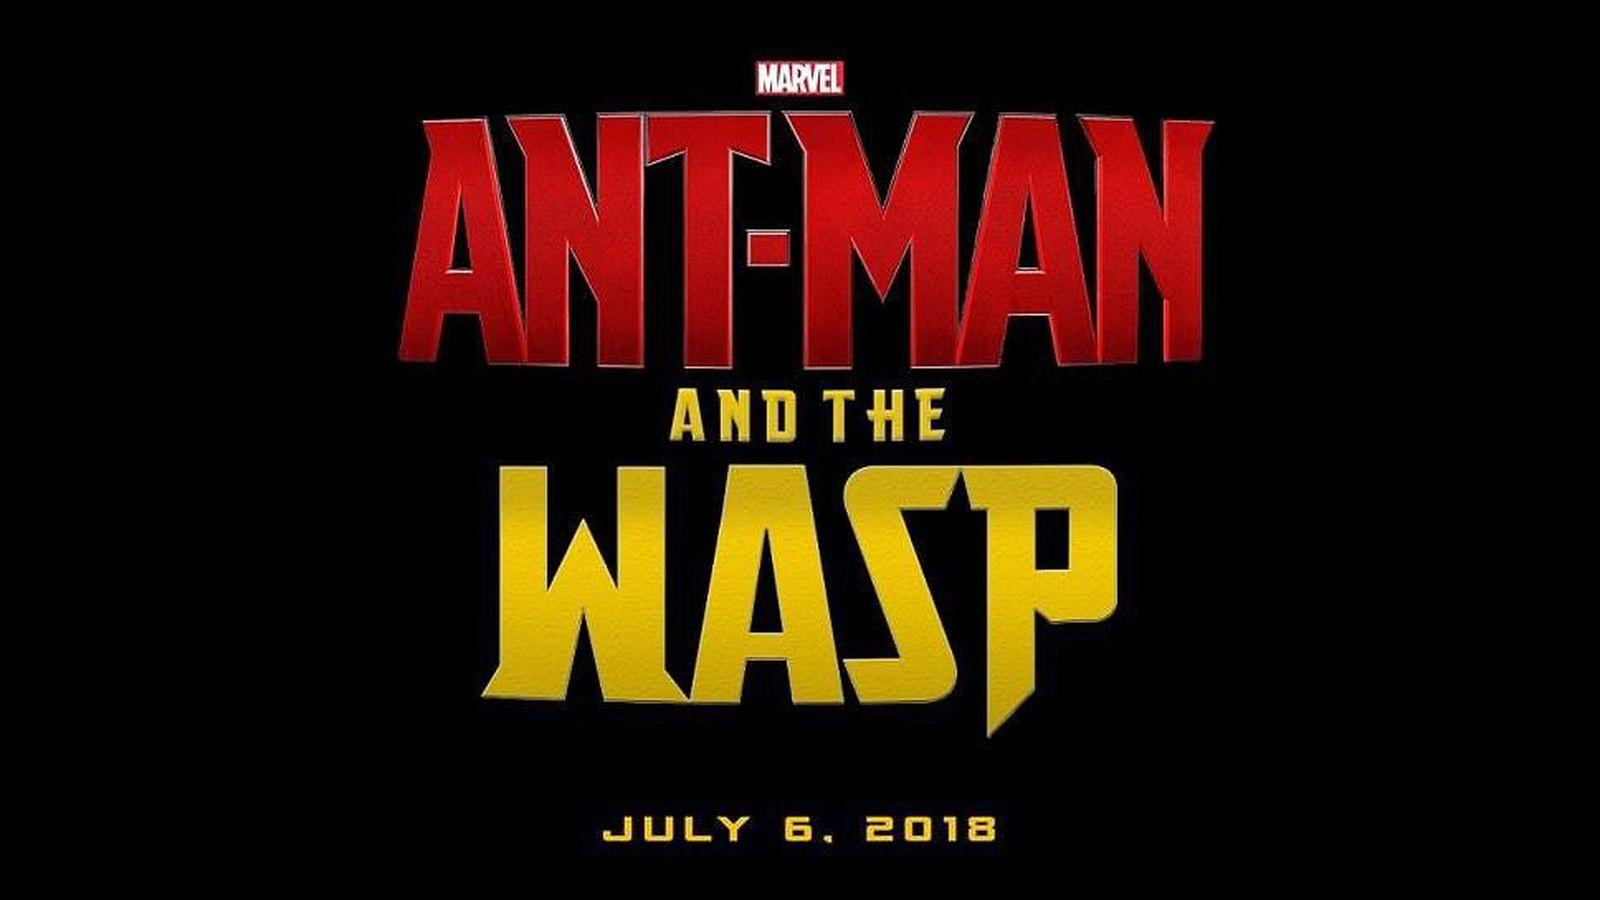 antman-wasp-2018